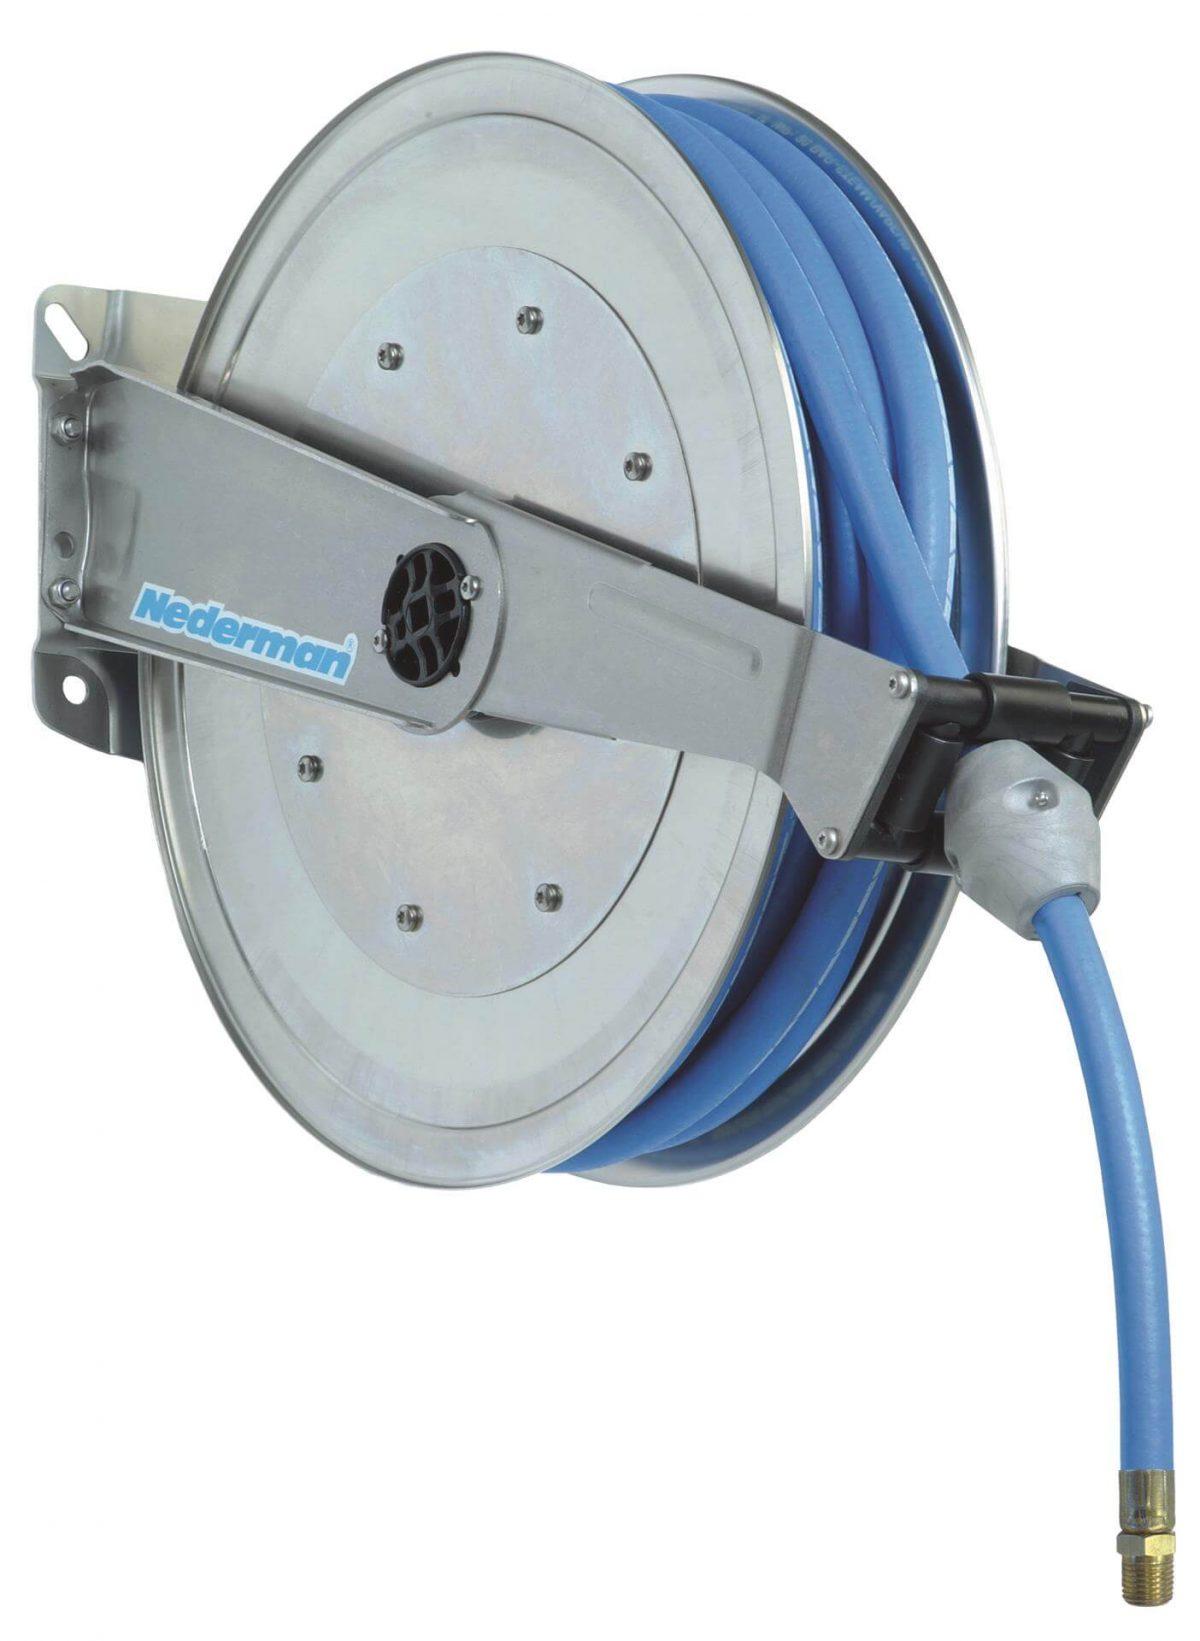 Zwijacz-węża-889-ze-stali-nierdzewnej-1200x1641.jpg